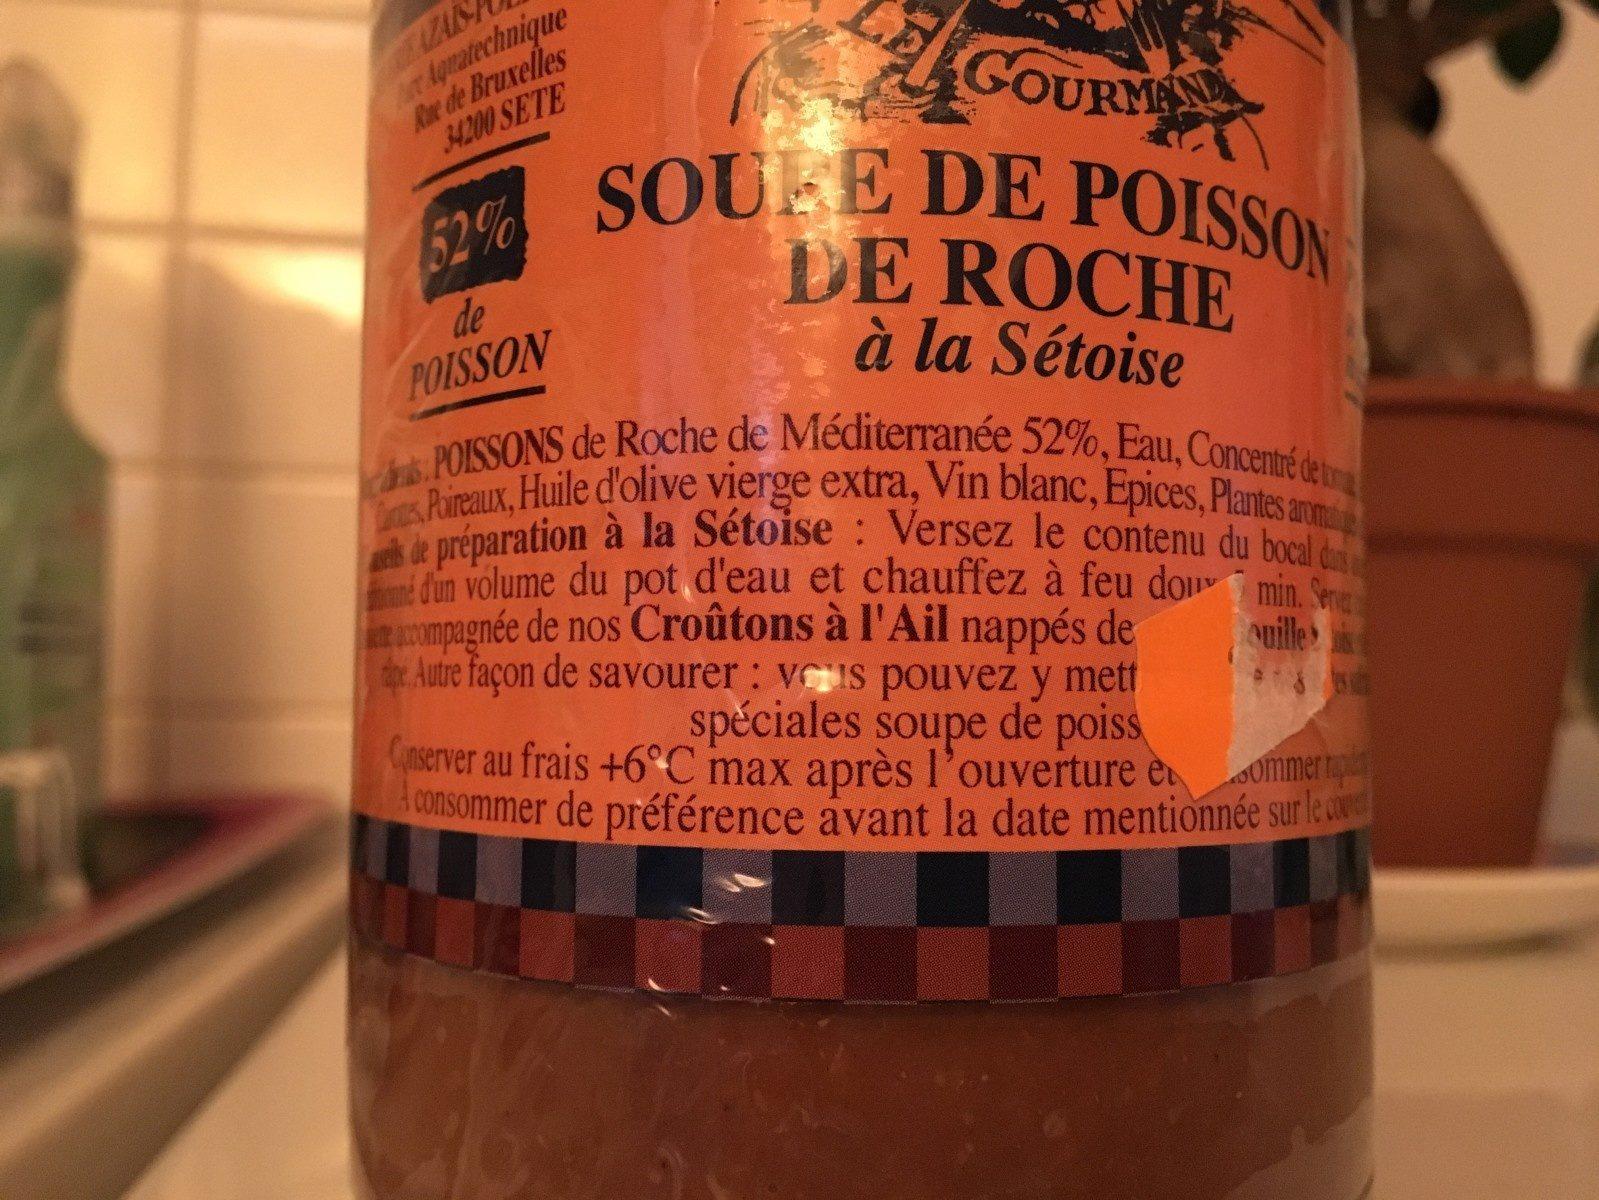 Soupe de poisson de roche à la sétoise - Ingrediënten